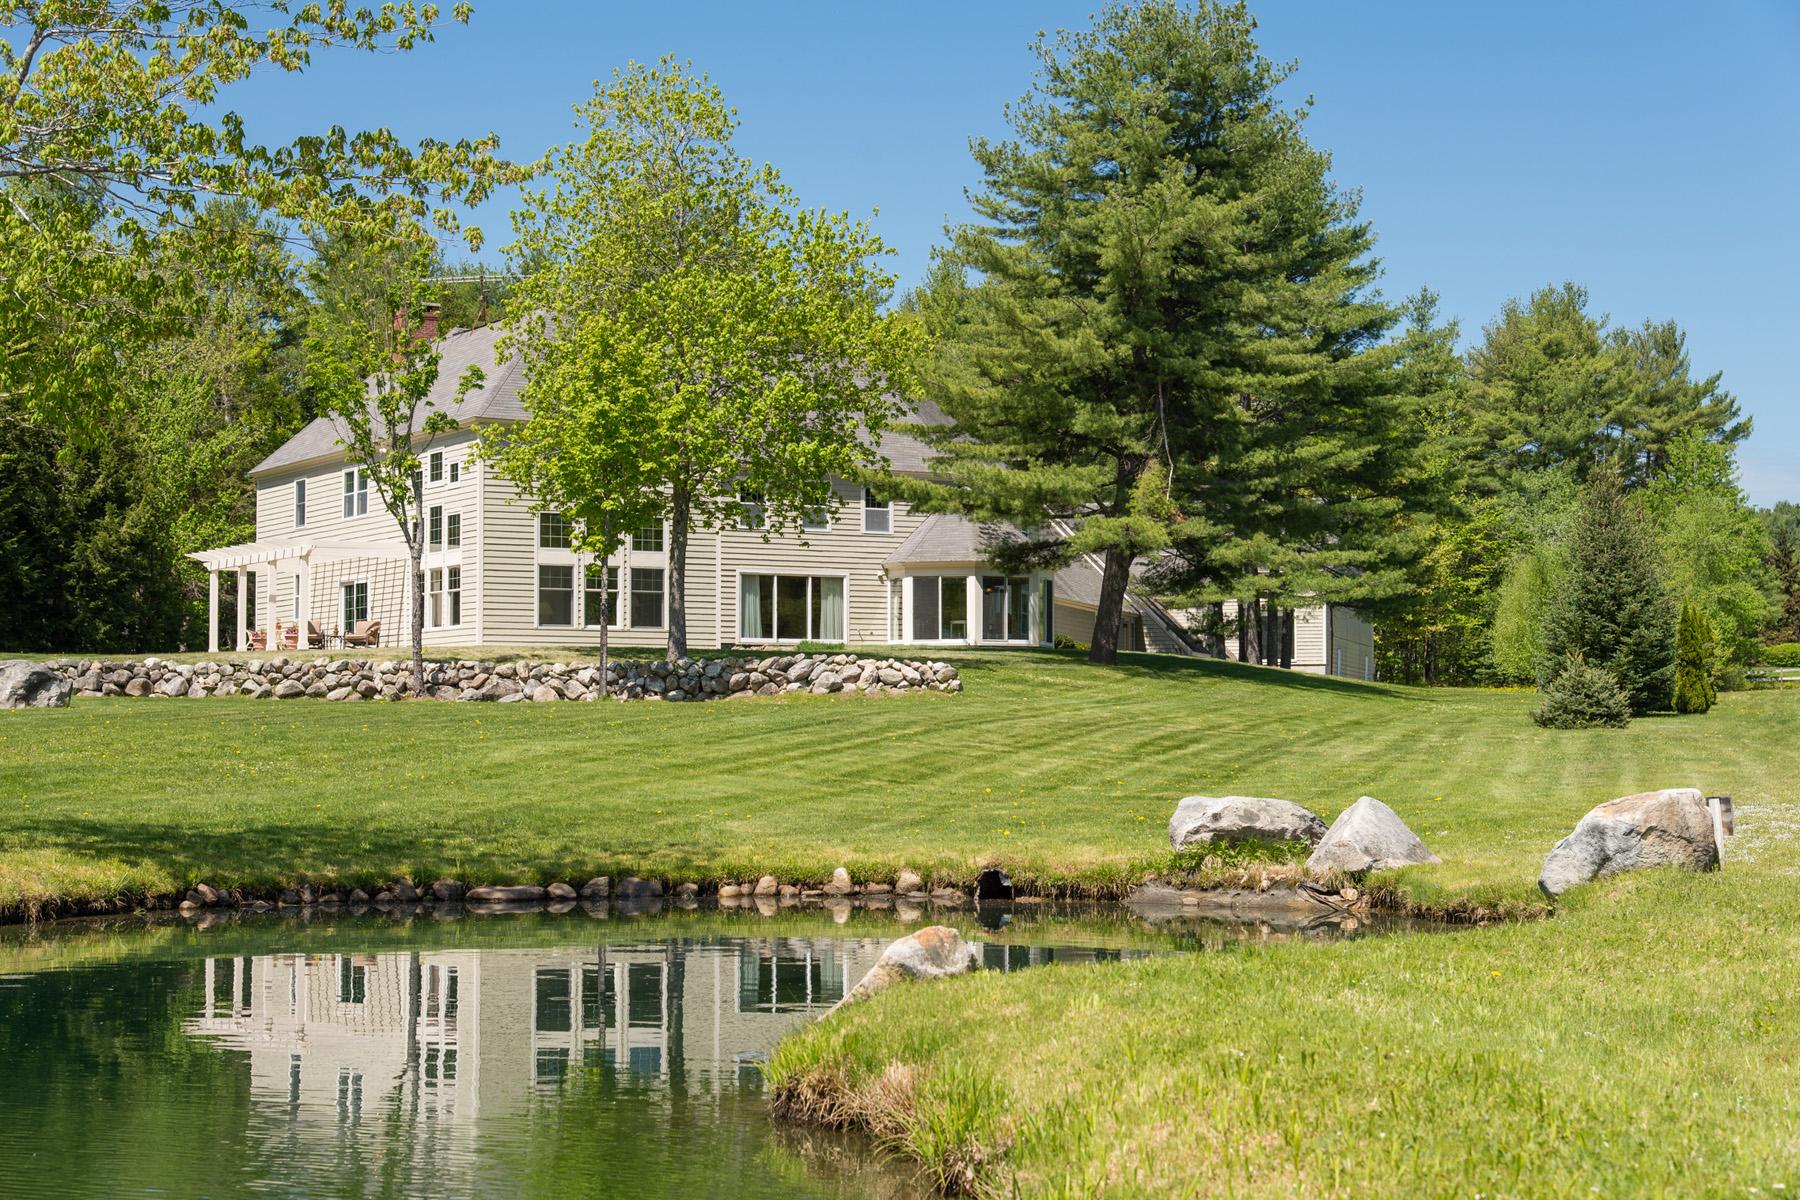 Villa per Vendita alle ore 59 Country Club Lane, New London 59 Country Club Ln New London, New Hampshire 03257 Stati Uniti